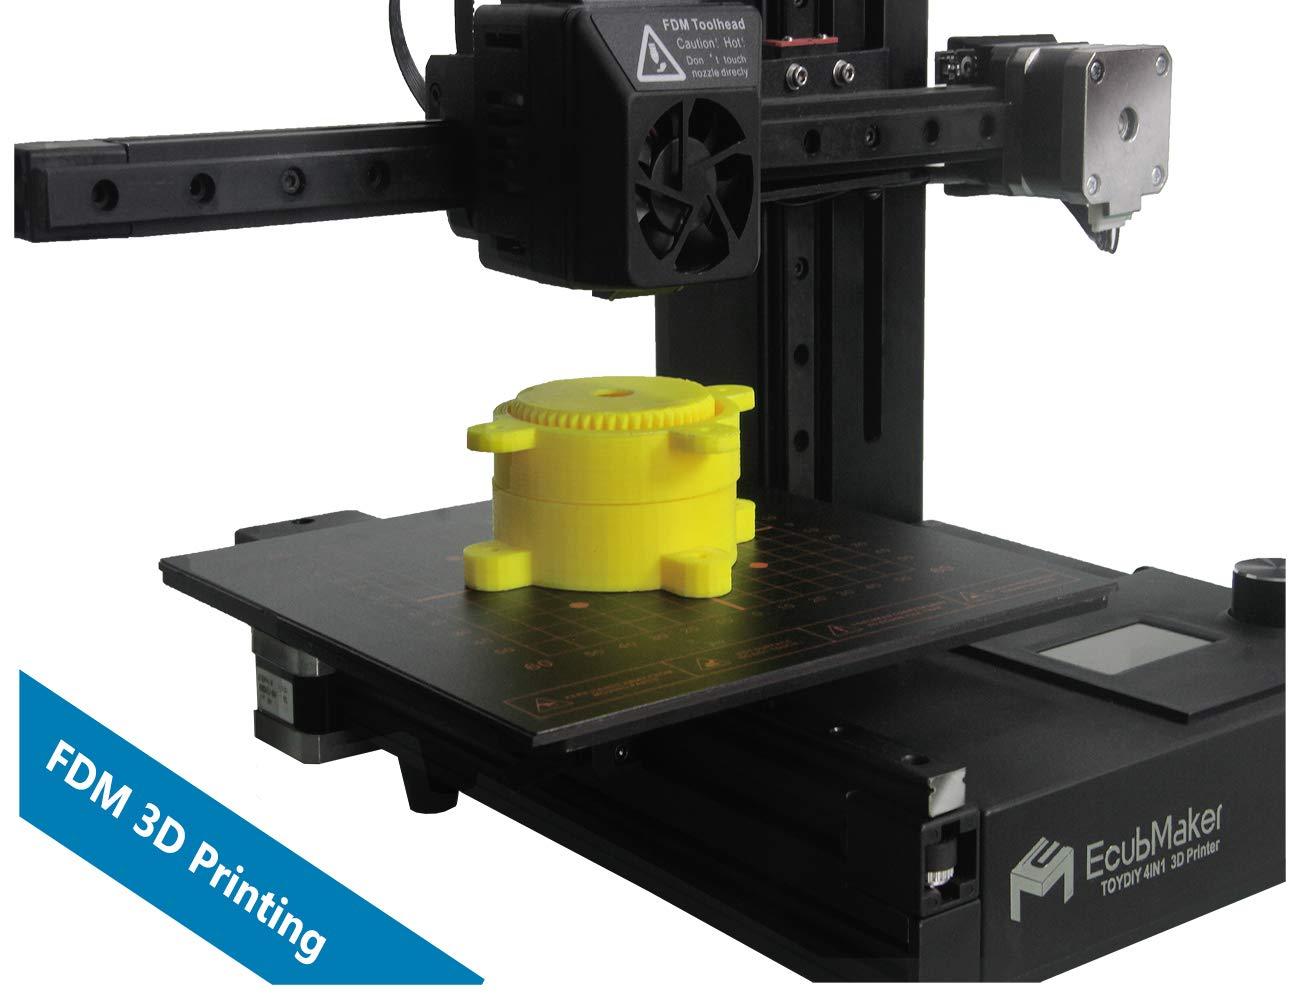 Amazon.com: EcubMaker TOYDIY 4 en 1 impresora 3D FDM láser ...